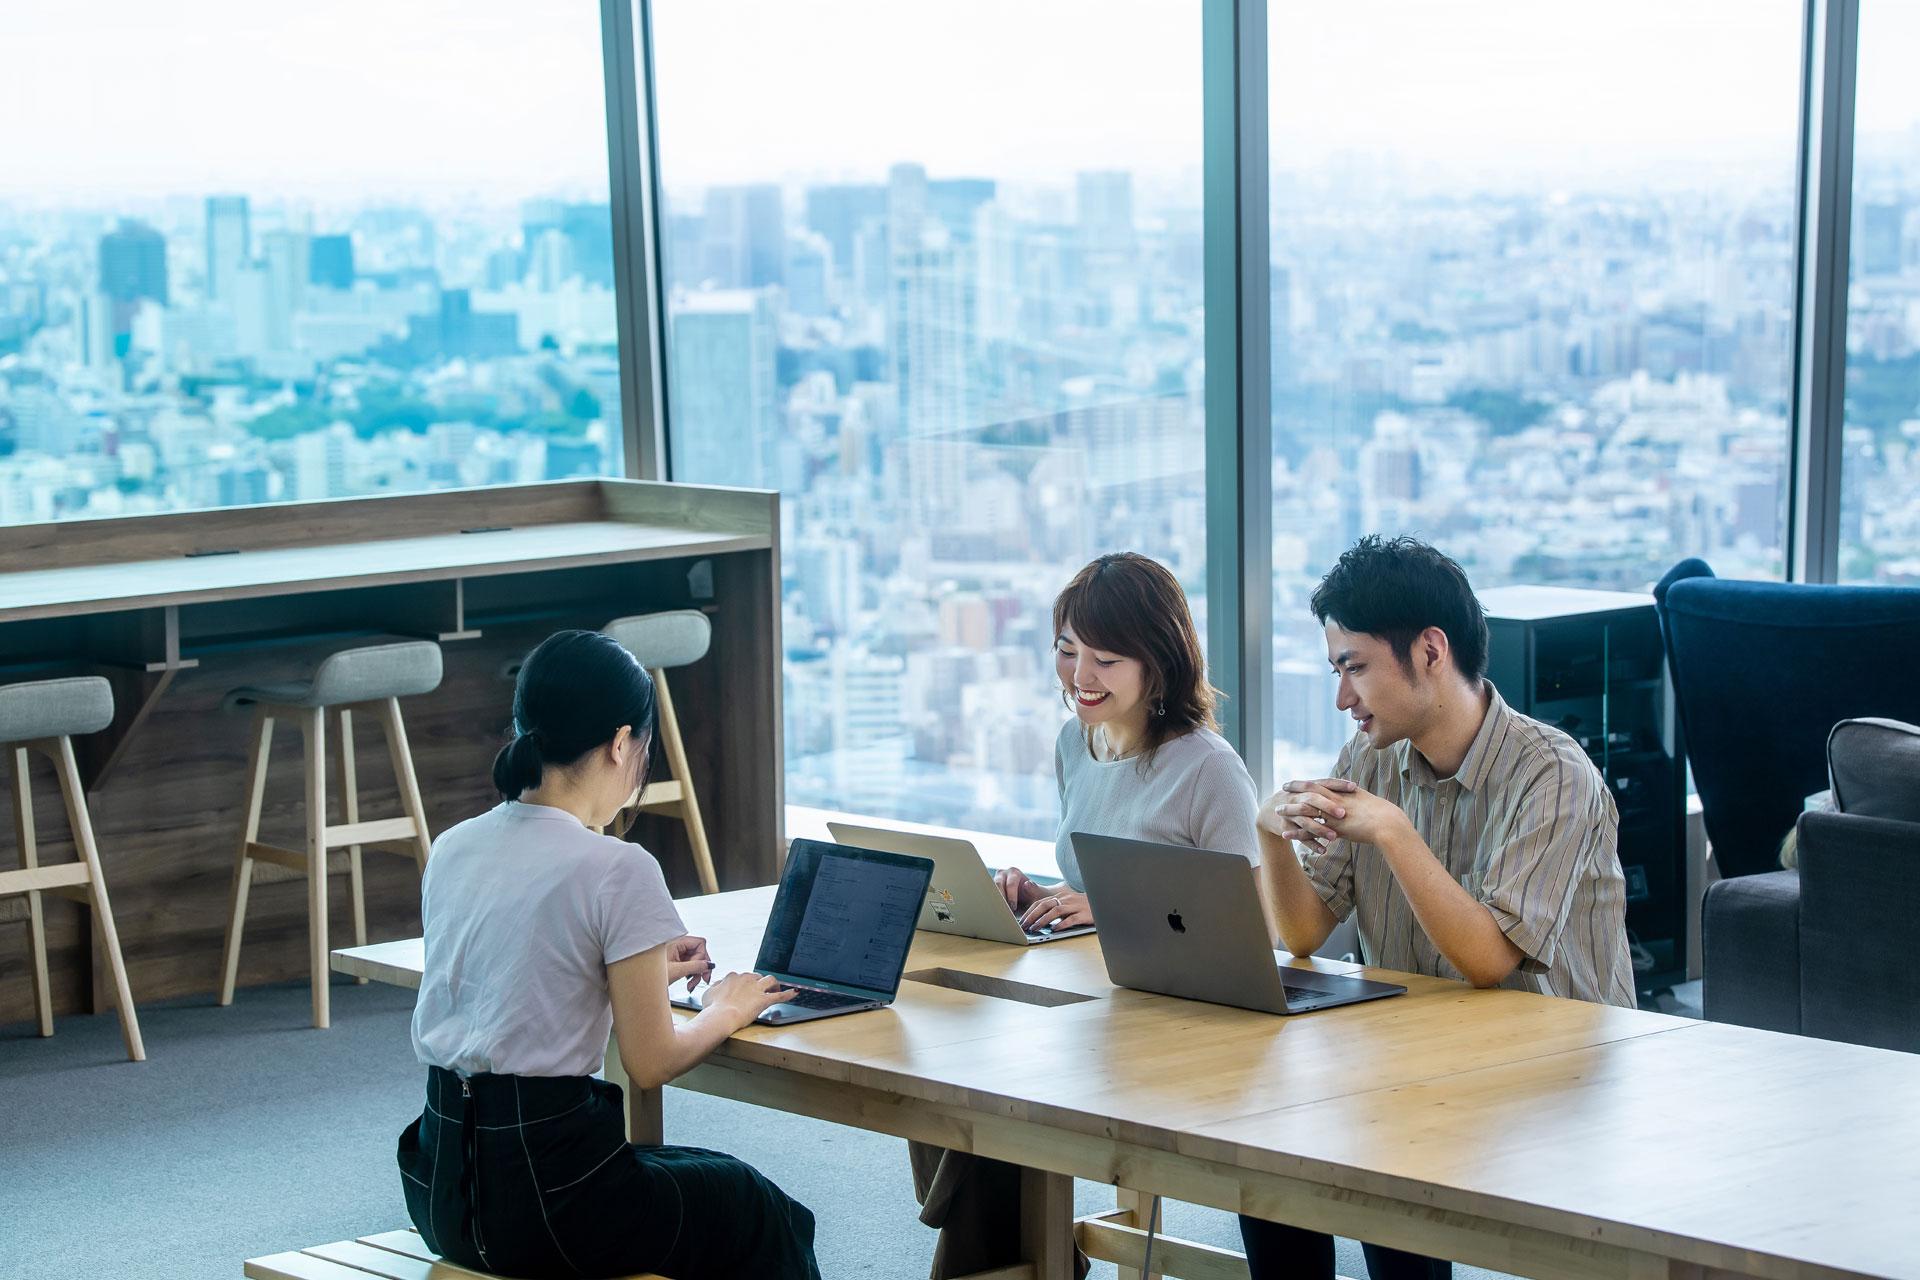 Company jobs company img 01@2x